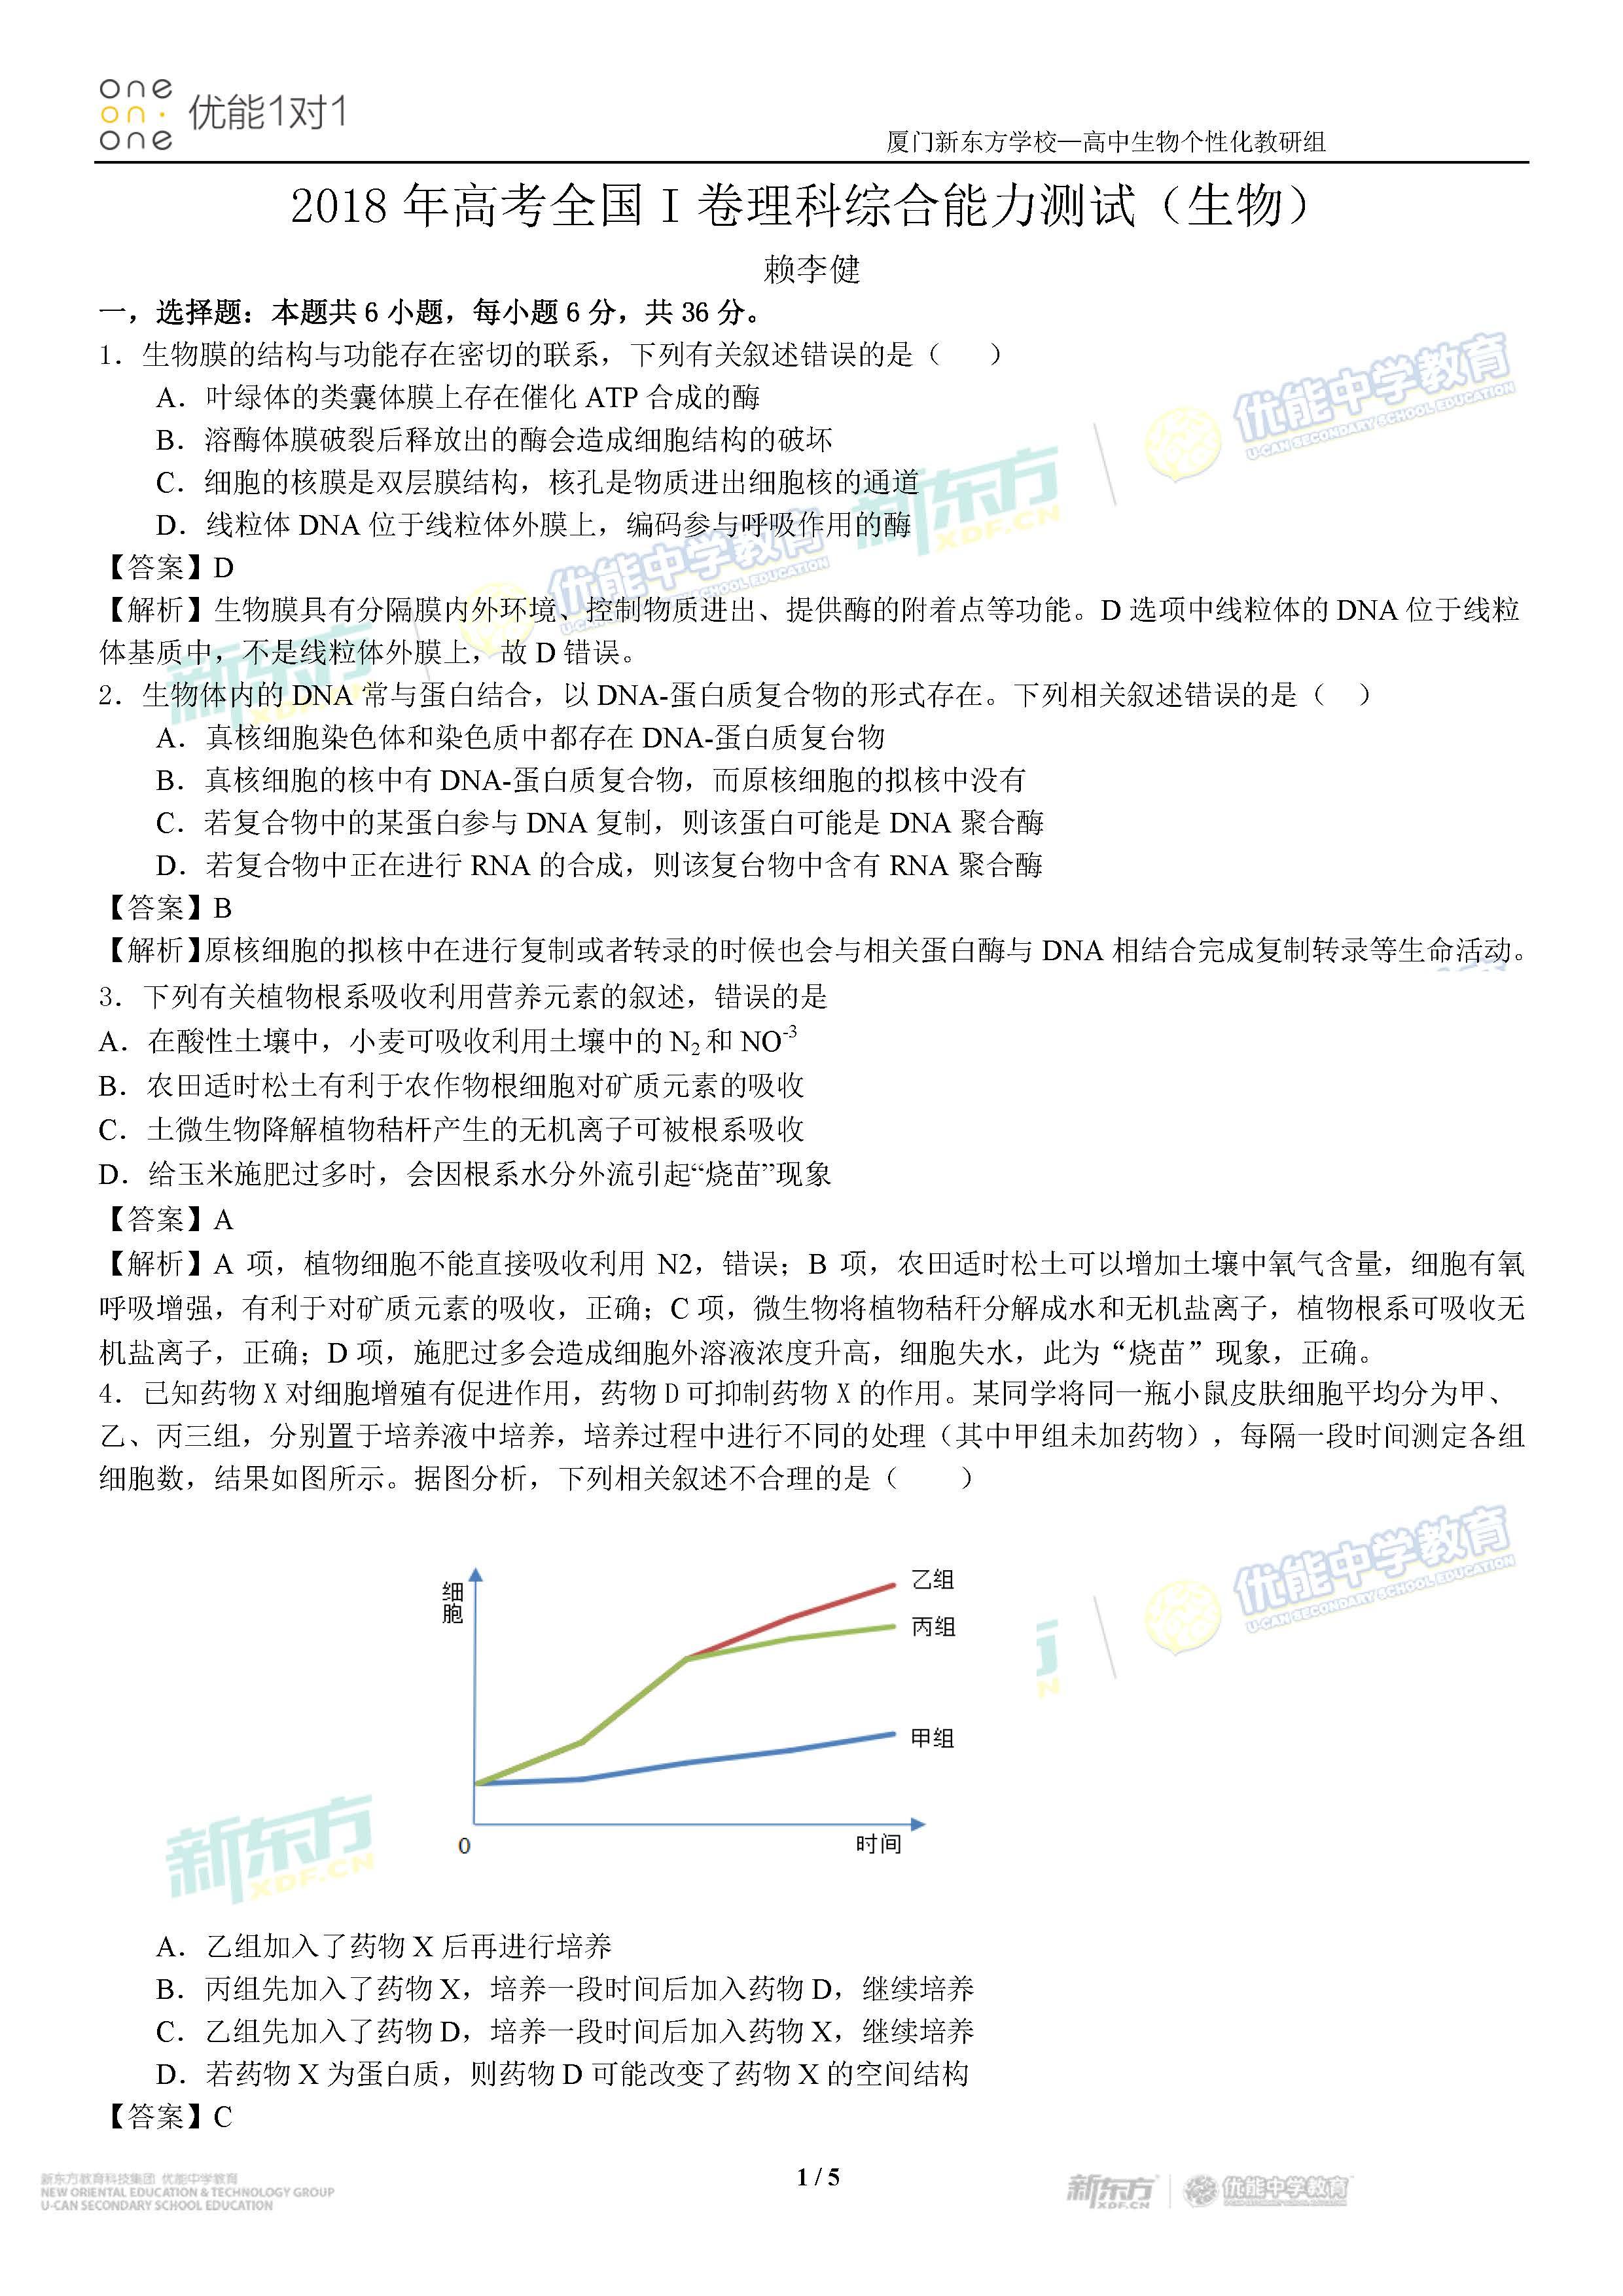 2018全国卷1高考理综生物试题逐题解析(厦门新东方)